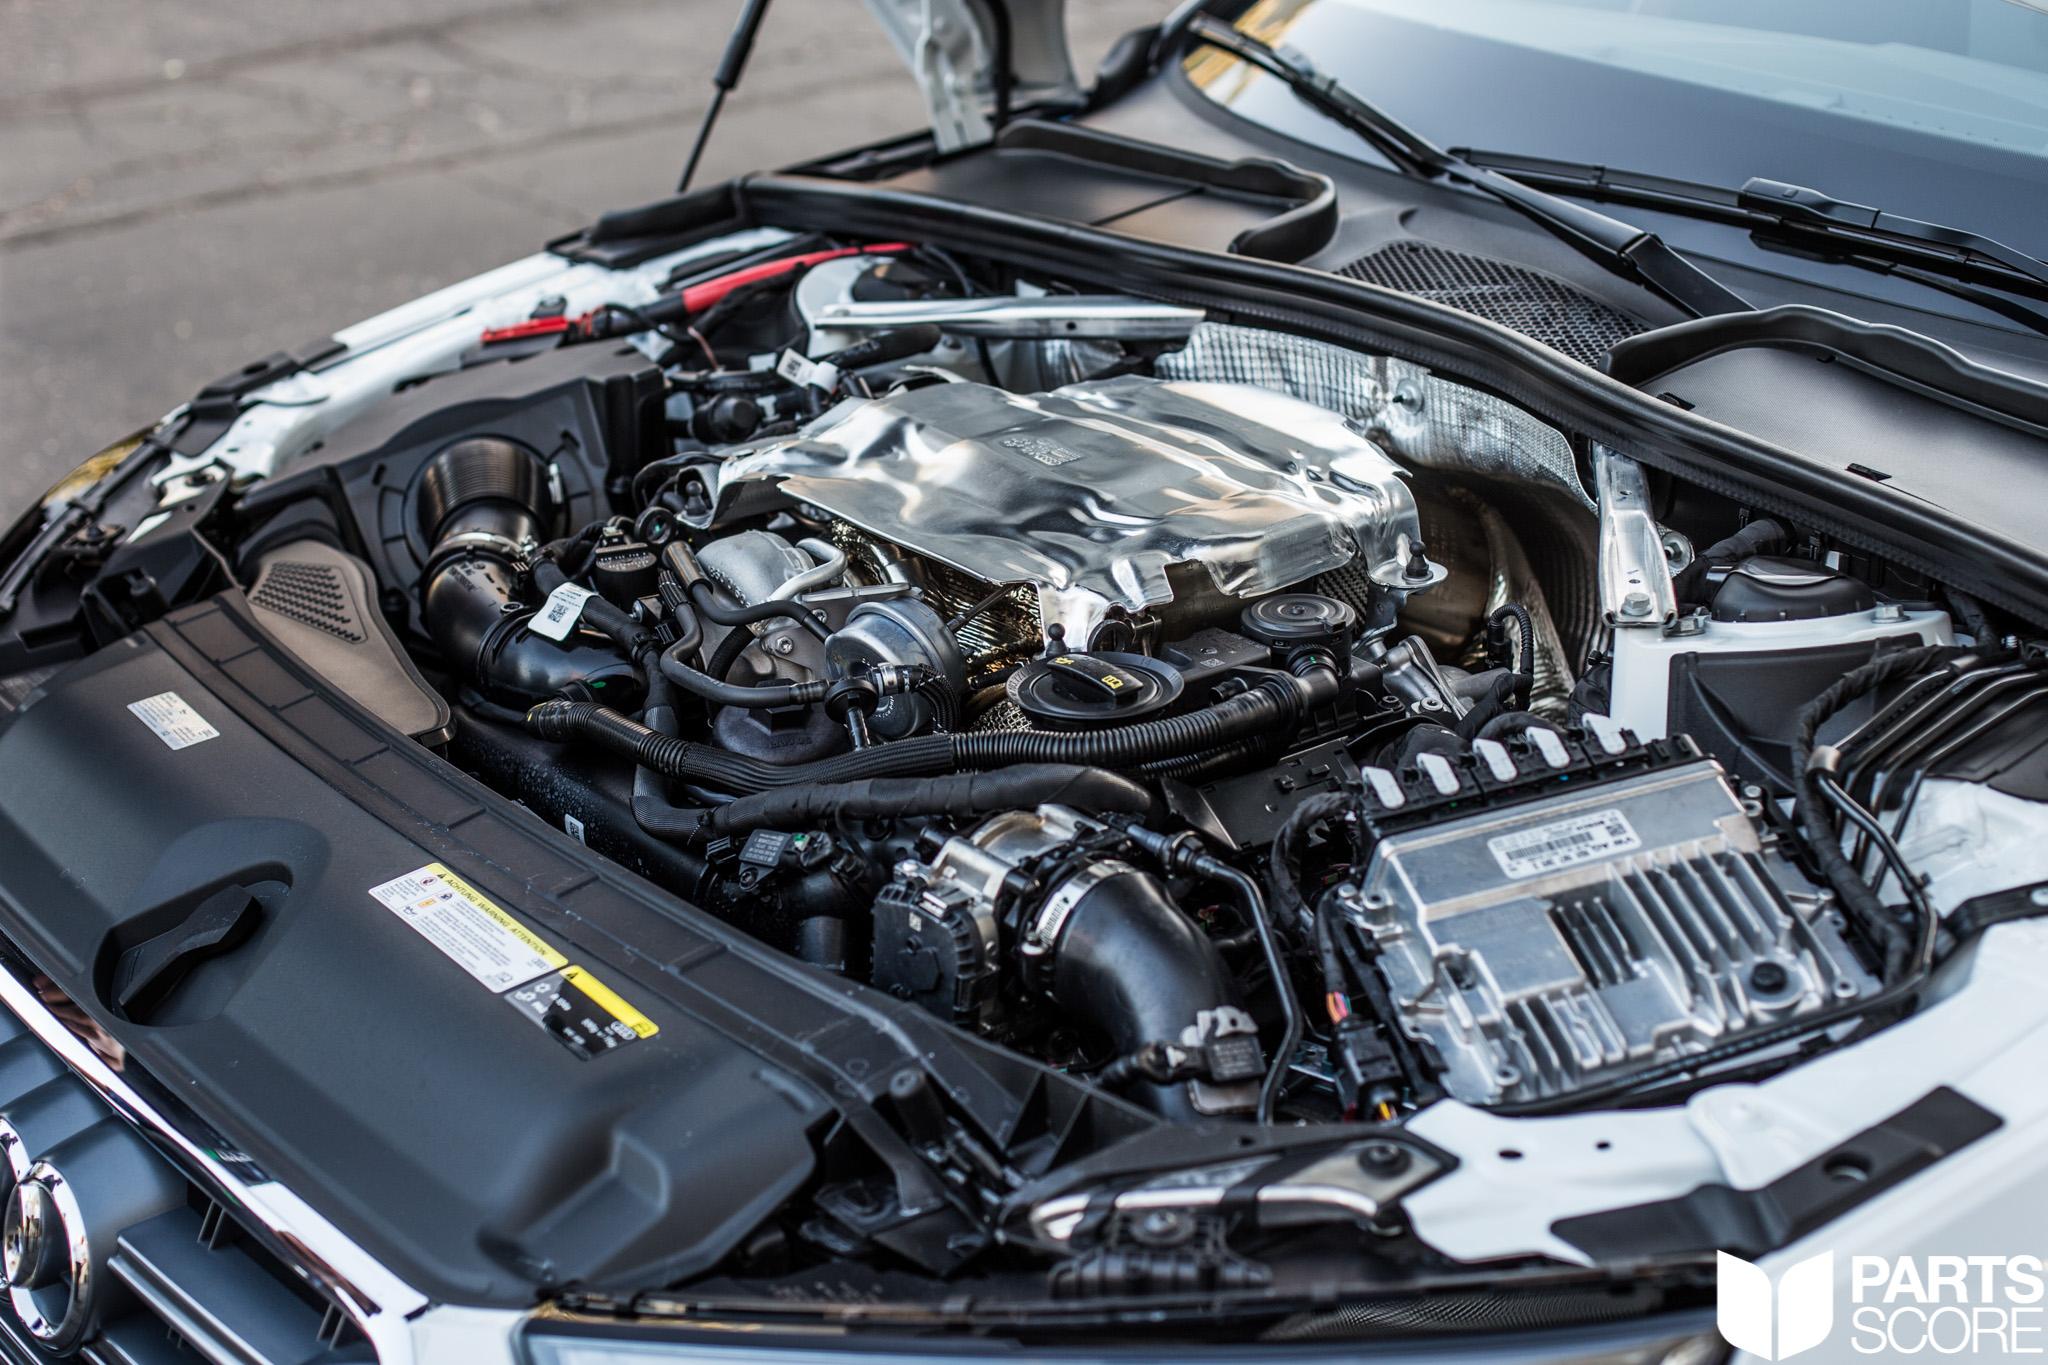 arizona, Audi, audi b9 s4, audi b9 s5, audi performance, audi s4, b9 audi mods, b9 h and r springs, b9 h&r springs, b9 modifications, b9 performance, b9 s4, b9 s4 034, b9 s4 034 motorsports, b9 s4 apr, b9 s4 awe tuning, b9 s4 carbon fiber, b9 s4 downpipe, b9 s4 exhaust, b9 s4 flash, b9 s4 flash tune, b9 s4 front lip, b9 s4 giac, b9 s4 giac tune, b9 s4 h and r coilovers, b9 s4 h&r coilovers, b9 s4 h&r springs, b9 s4 intake, b9 s4 kw coilovers, b9 s4 kwv1, b9 s4 kwv2, b9 s4 kwv3, b9 s4 lip, b9 s4 milltek, b9 s4 modification, b9 s4 mods, b9 s4 navigation, b9 s4 ohlins, b9 s4 ohlins road and track, b9 s4 performance, b9 s4 performance mods, b9 s4 spacers, b9 s4 spoiler, b9 s4 springs, b9 s4 tune, b9 s5, b9 s5 apr, b9 s5 awe tuning, b9 s5 carbon fiber, b9 s5 downpipe, b9 s5 exhaust, b9 s5 front lip, b9 s5 giac, b9 s5 h&r springs, b9 s5 intake, b9 s5 milltek, b9 s5 mods, b9 s5 performance, b9 s5 springs, giac flash, giac tune, giactuned, h and r coilovers b9, kw coilovers b9, parts score, s4 b9 cts turbo, scottsdale